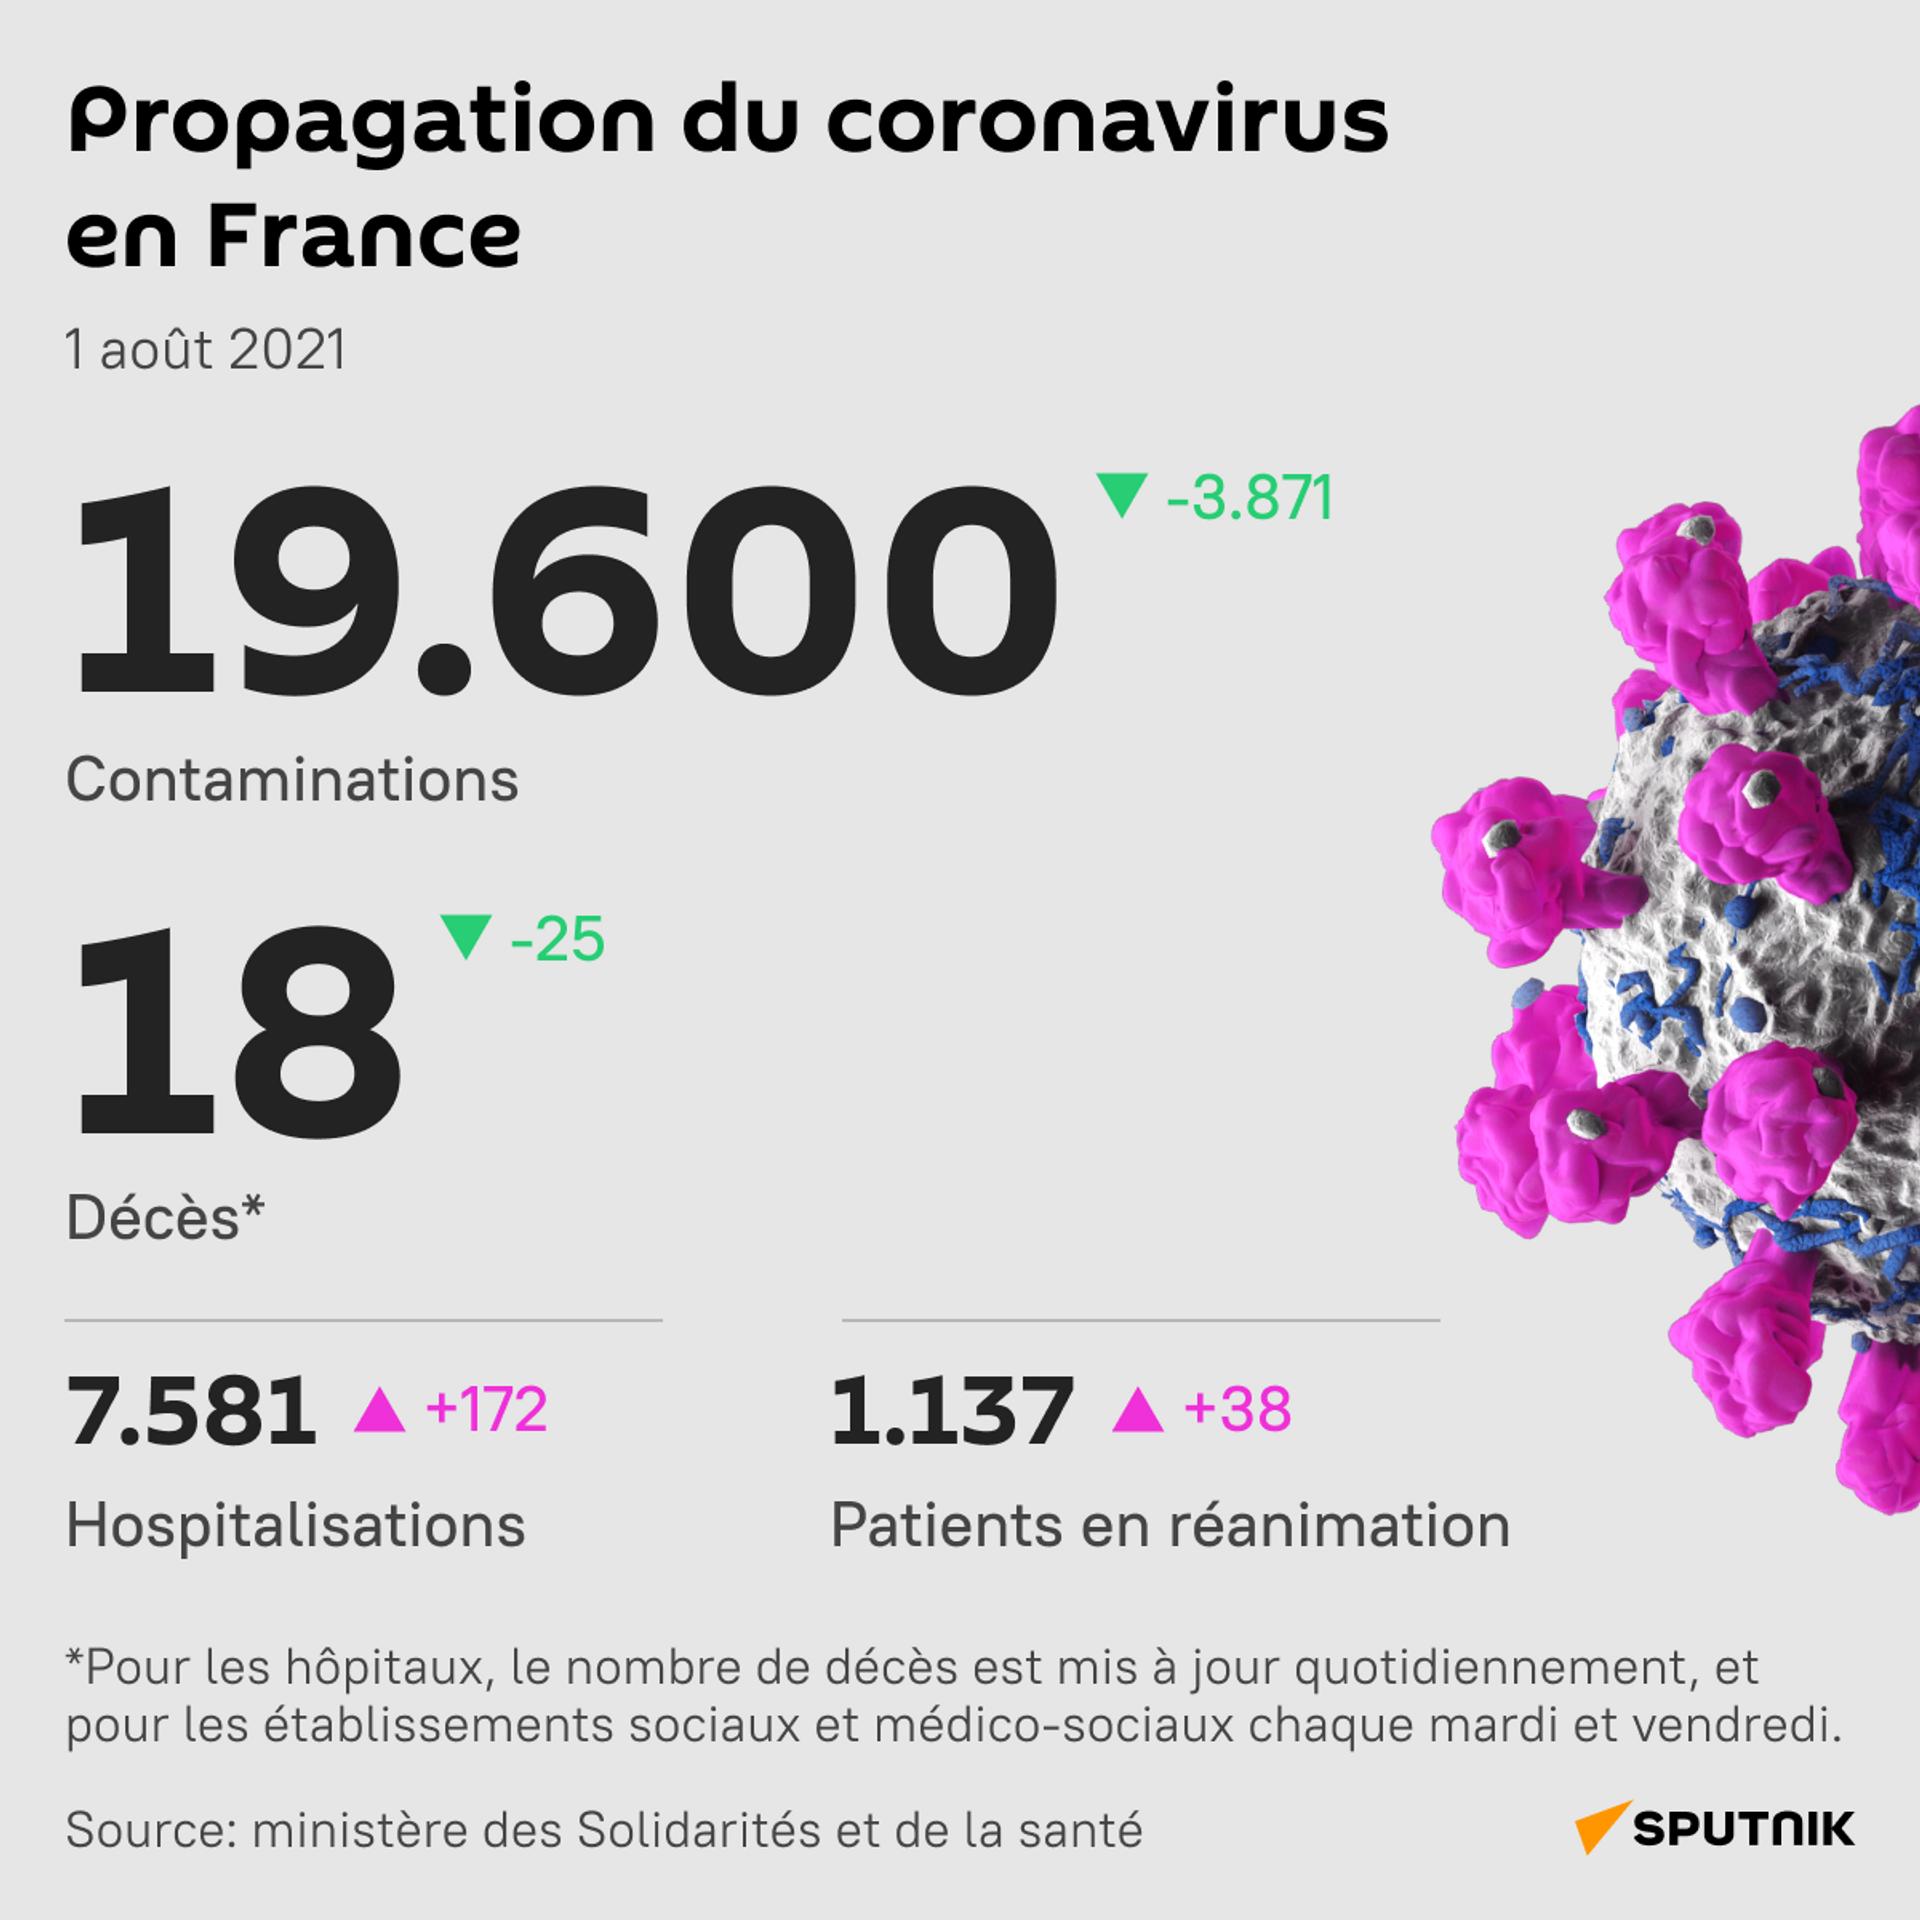 Propagation du coronavirus en France, 1 août 2021  - Sputnik France, 1920, 21.09.2021